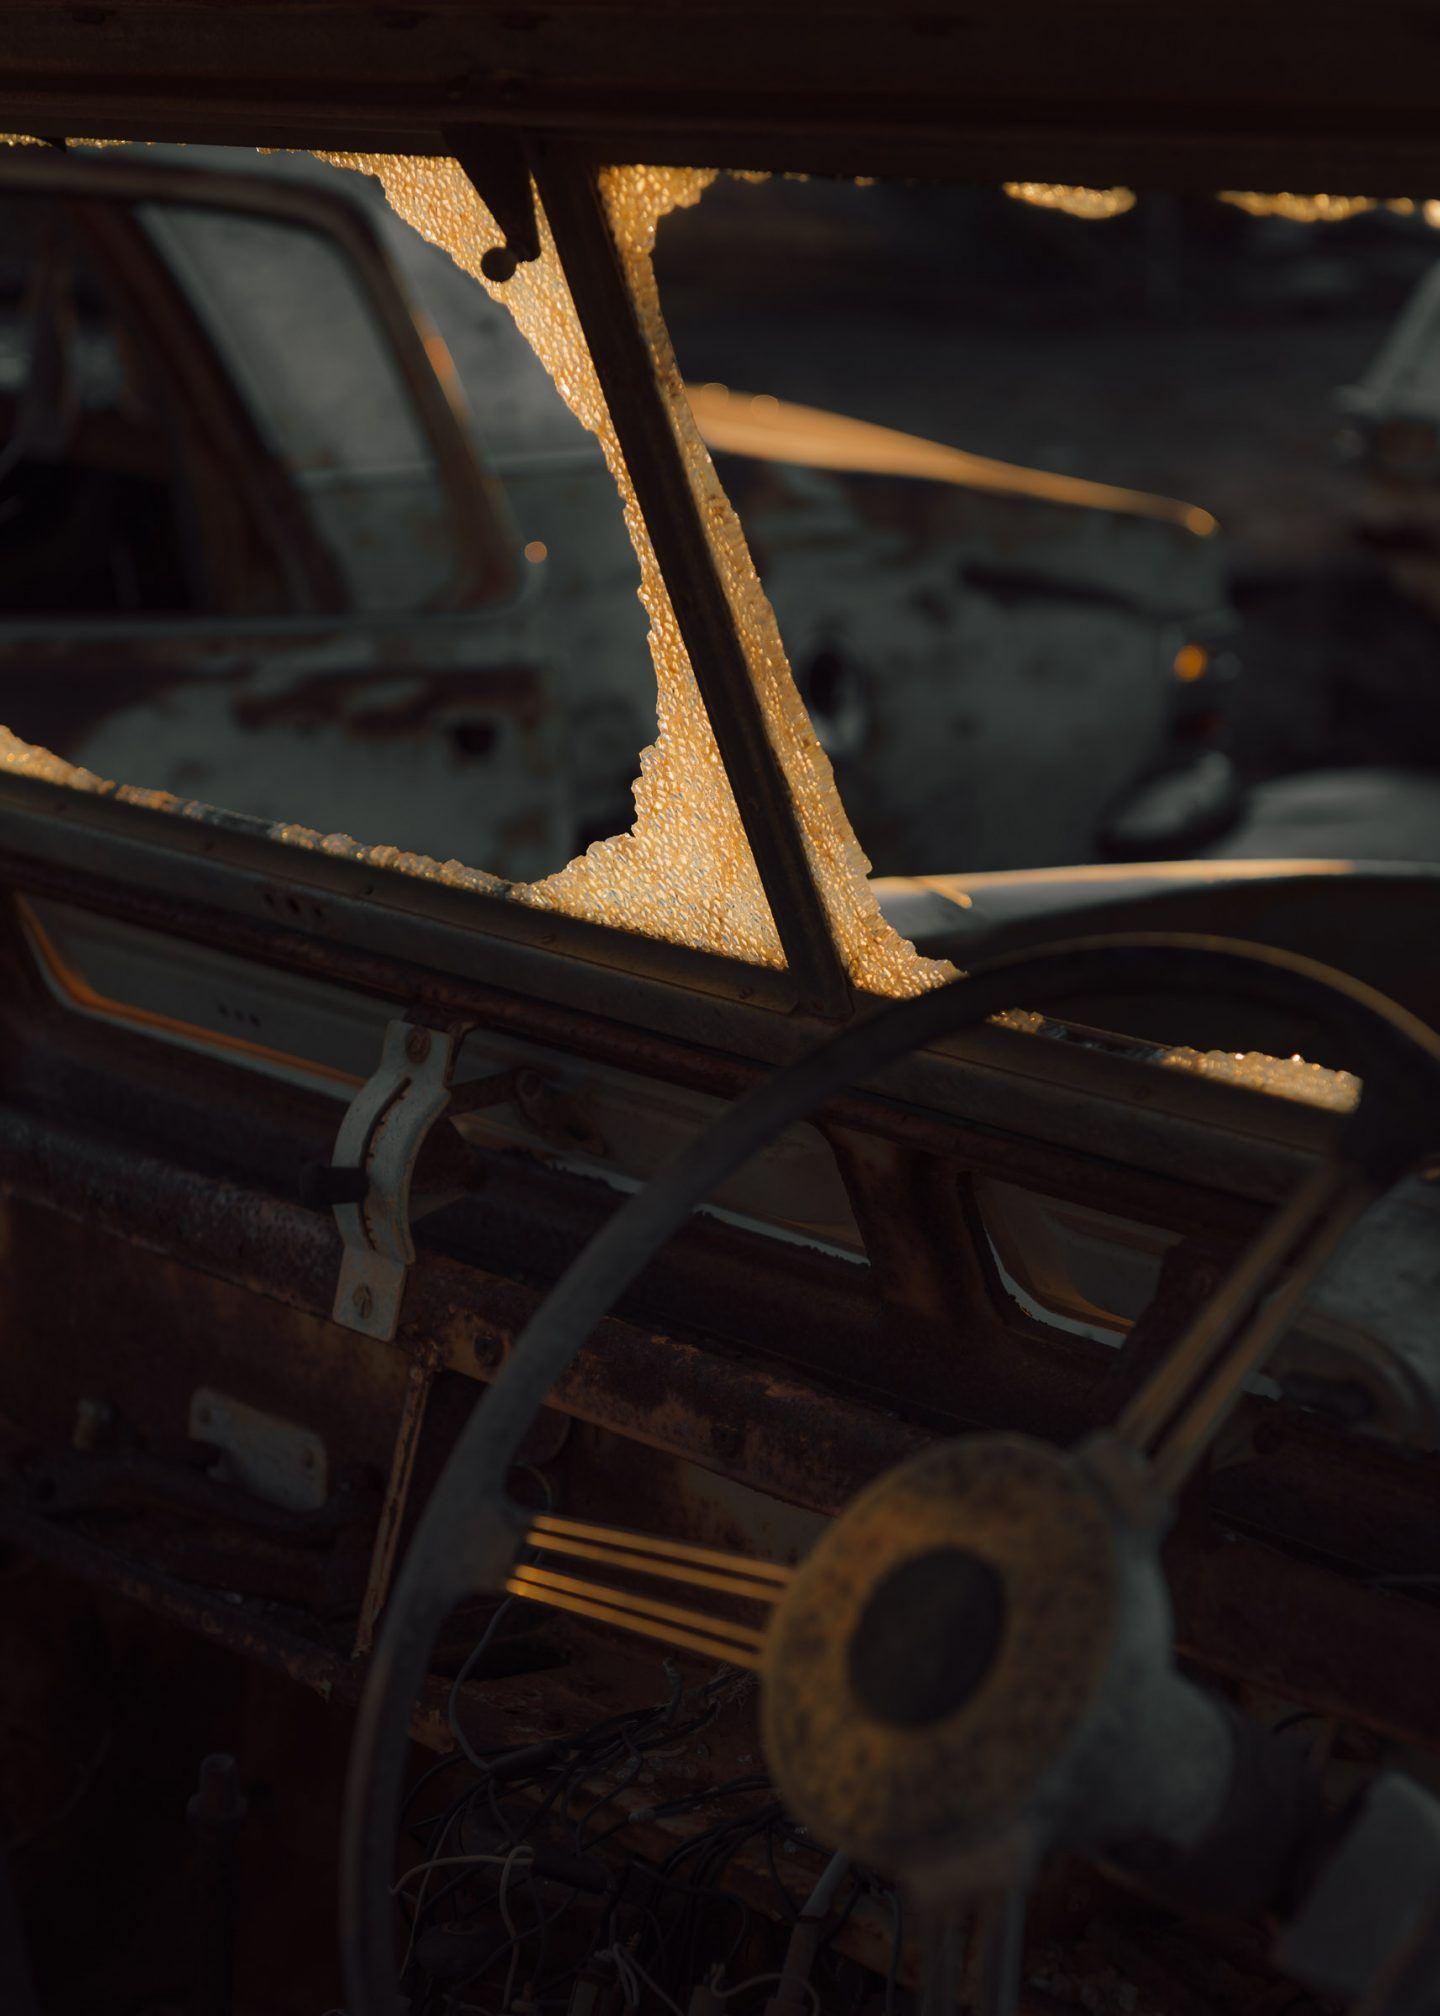 IGNANT-Photography-Daniel-Mueller-Strange-Bloke-21